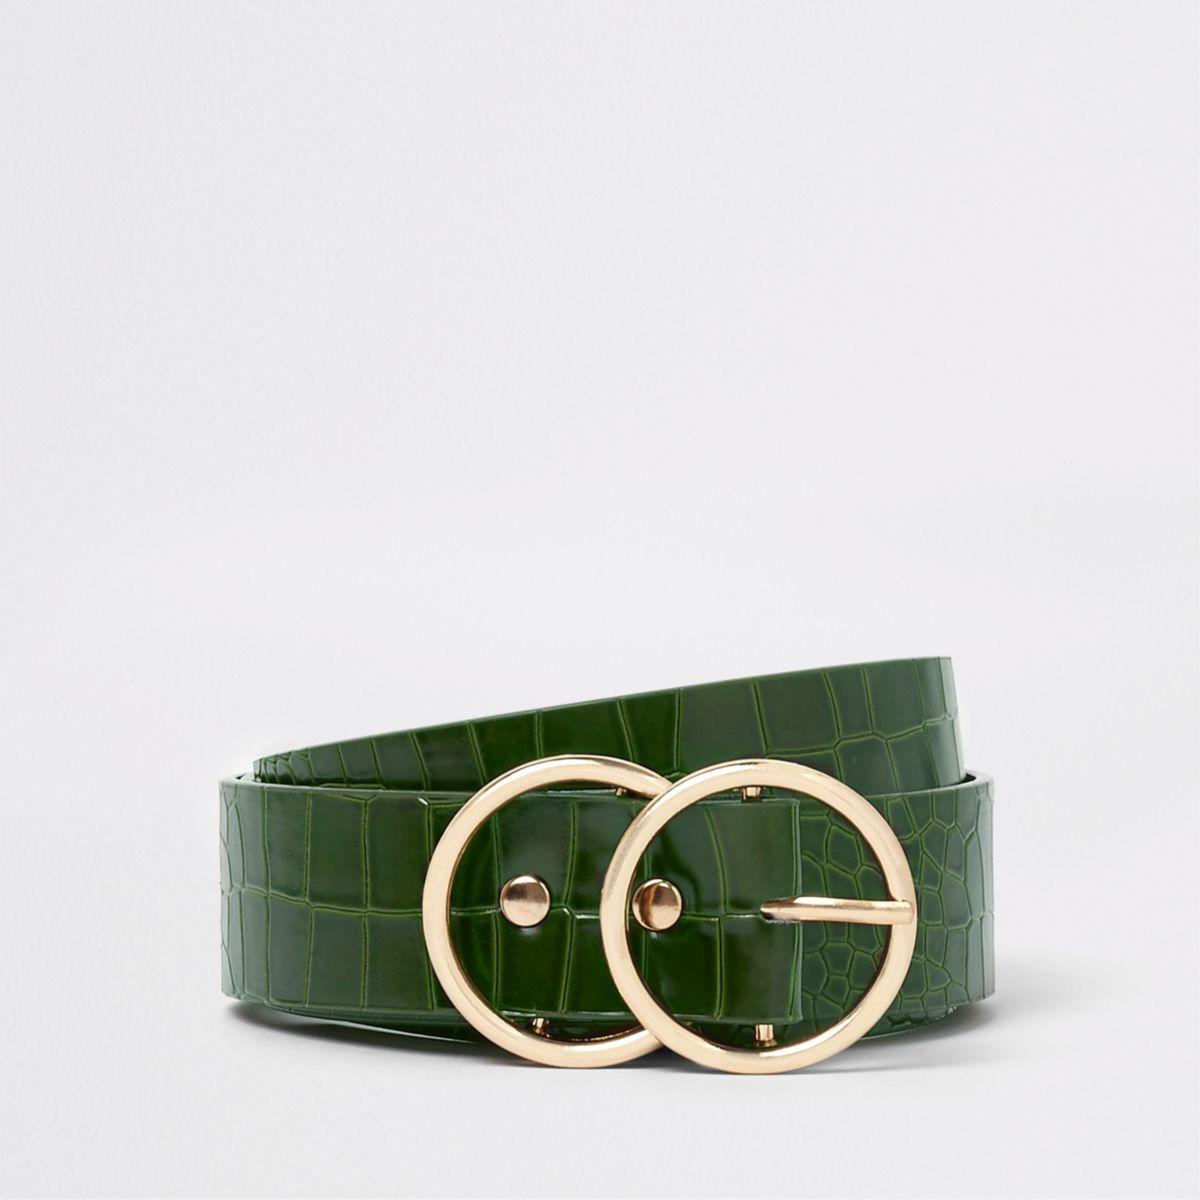 Groene riem met dubbele ring en krokodillenprint in reliëf